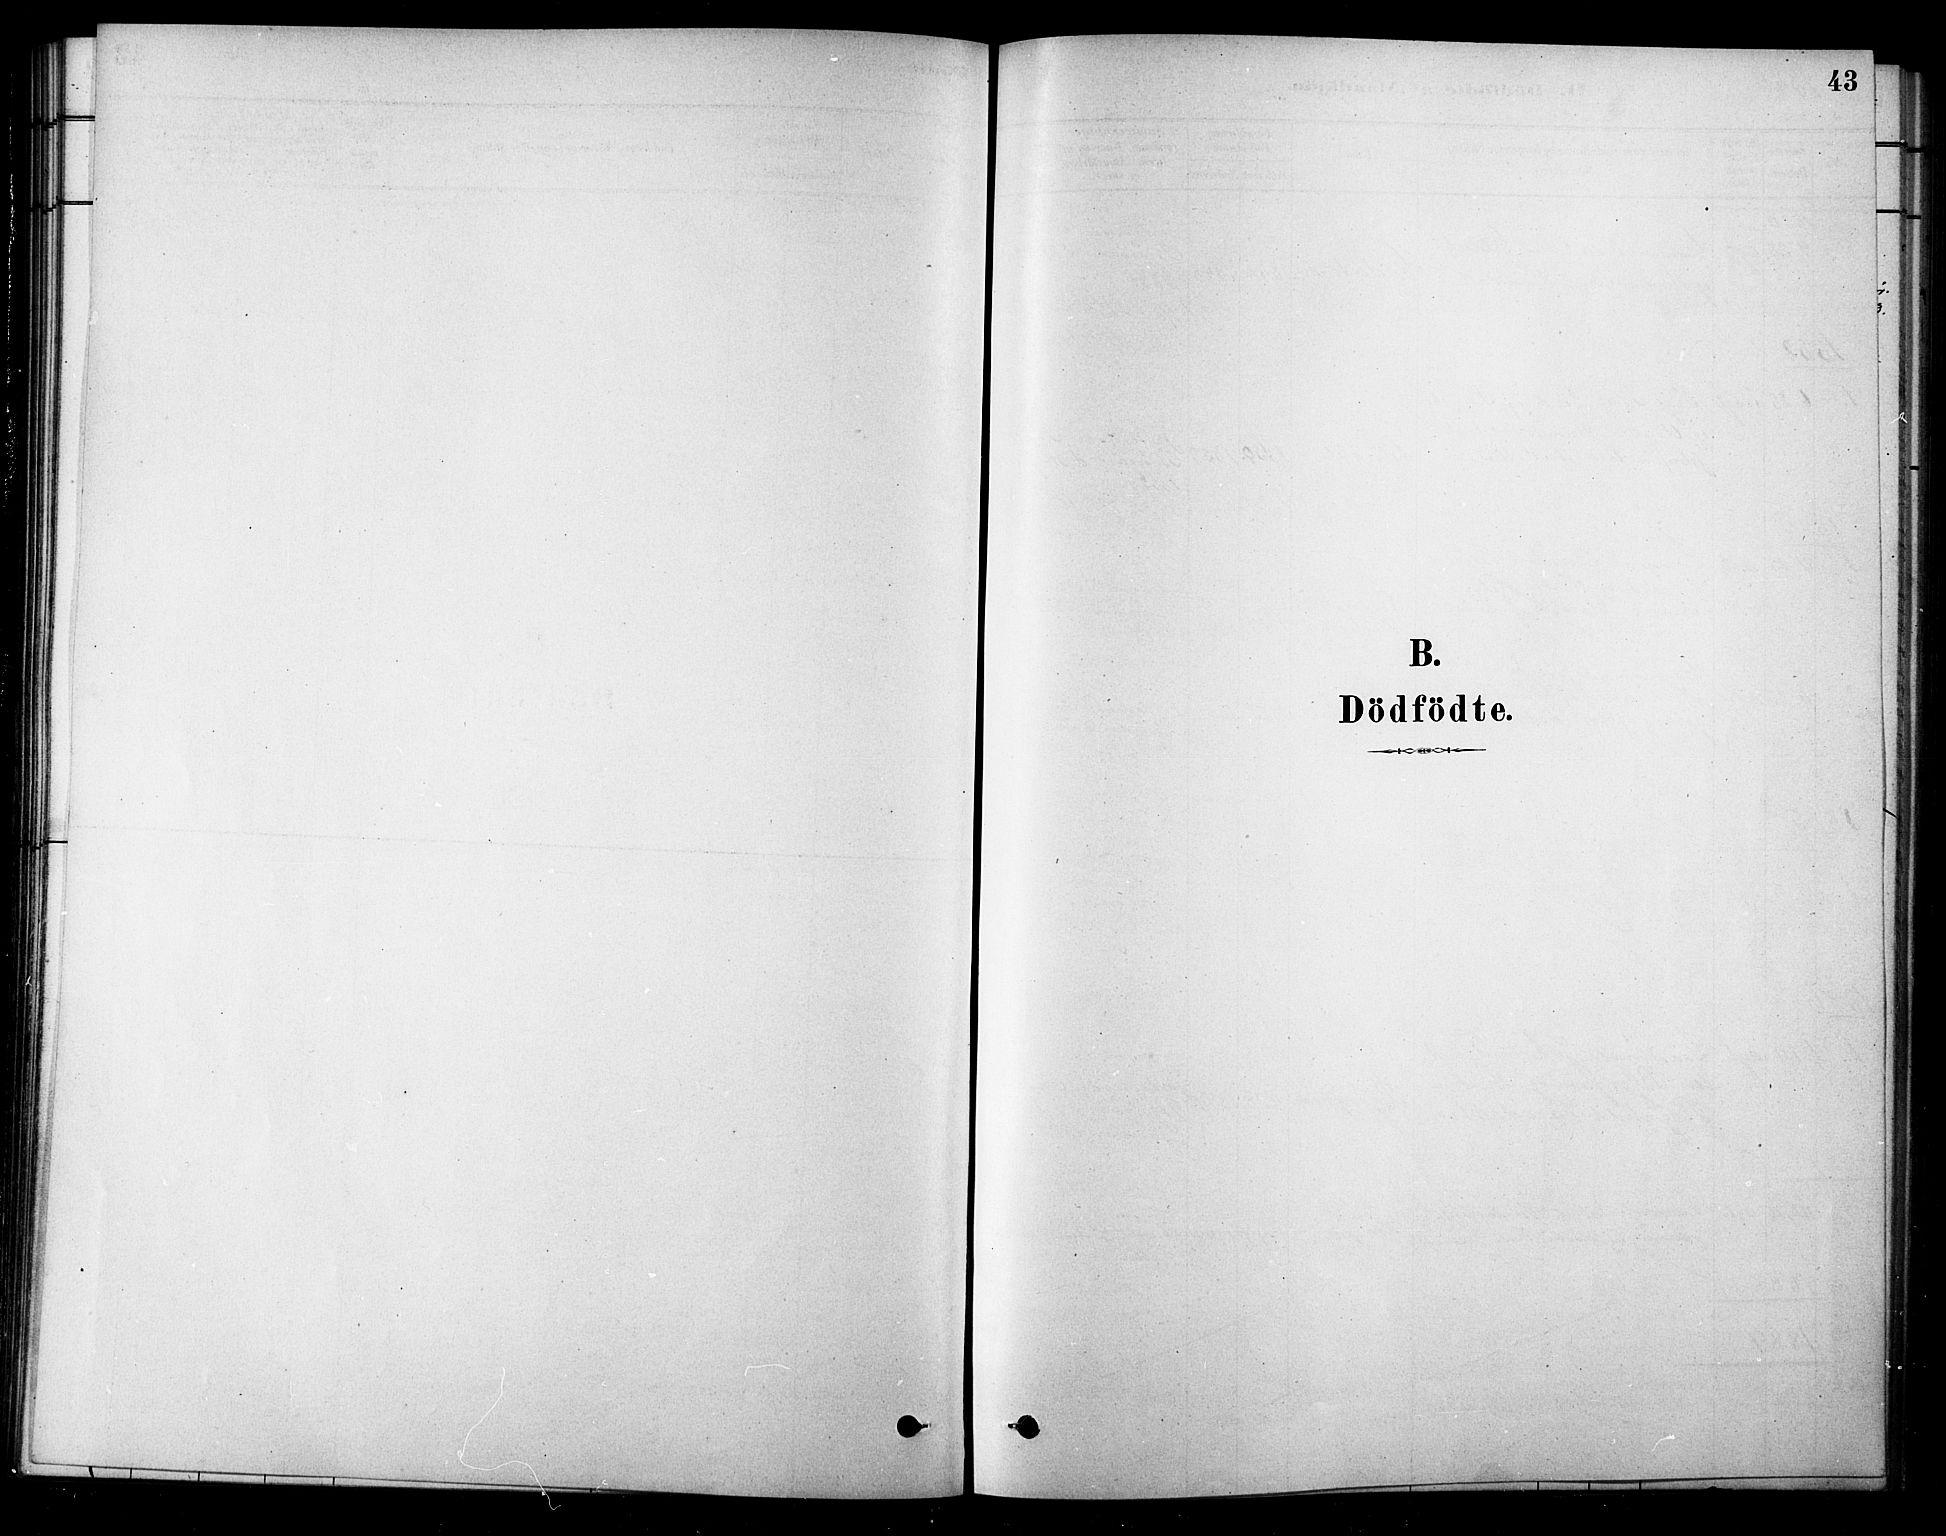 SAT, Ministerialprotokoller, klokkerbøker og fødselsregistre - Sør-Trøndelag, 685/L0972: Ministerialbok nr. 685A09, 1879-1890, s. 43